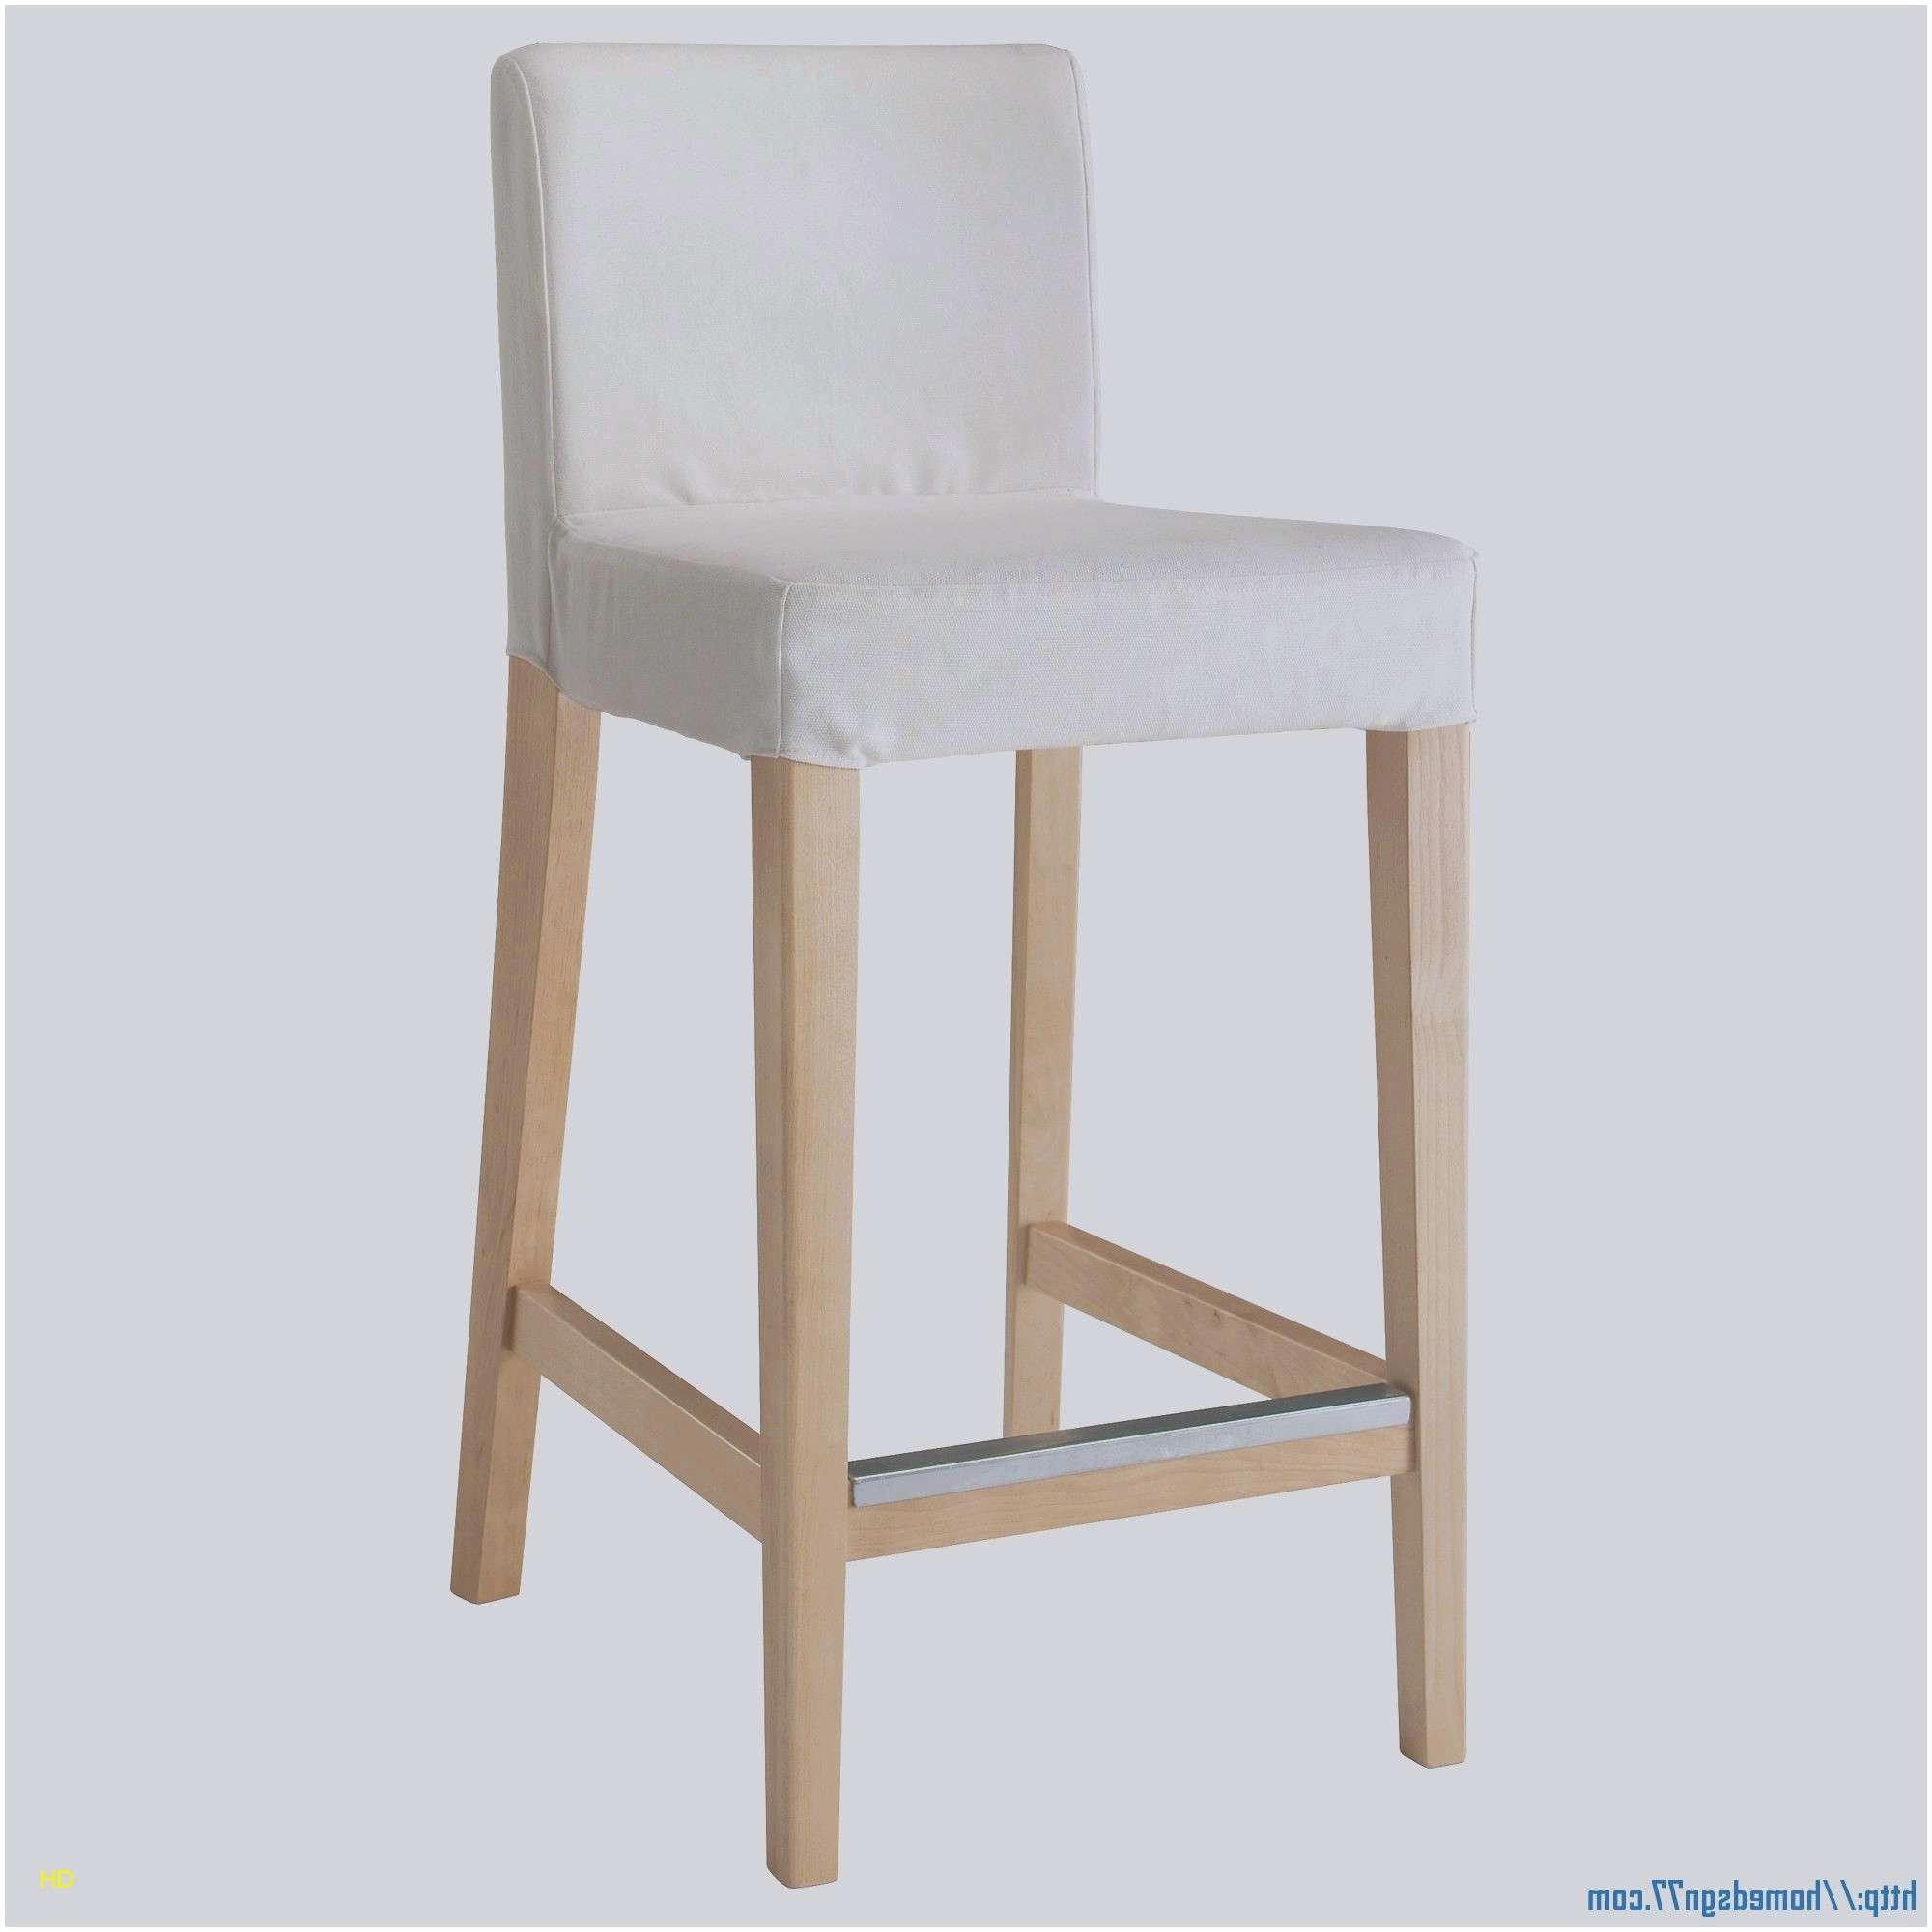 coussin chaise ikea charmant unique coussins de chaises ikea impressionnant s galette de of coussin chaise ikea